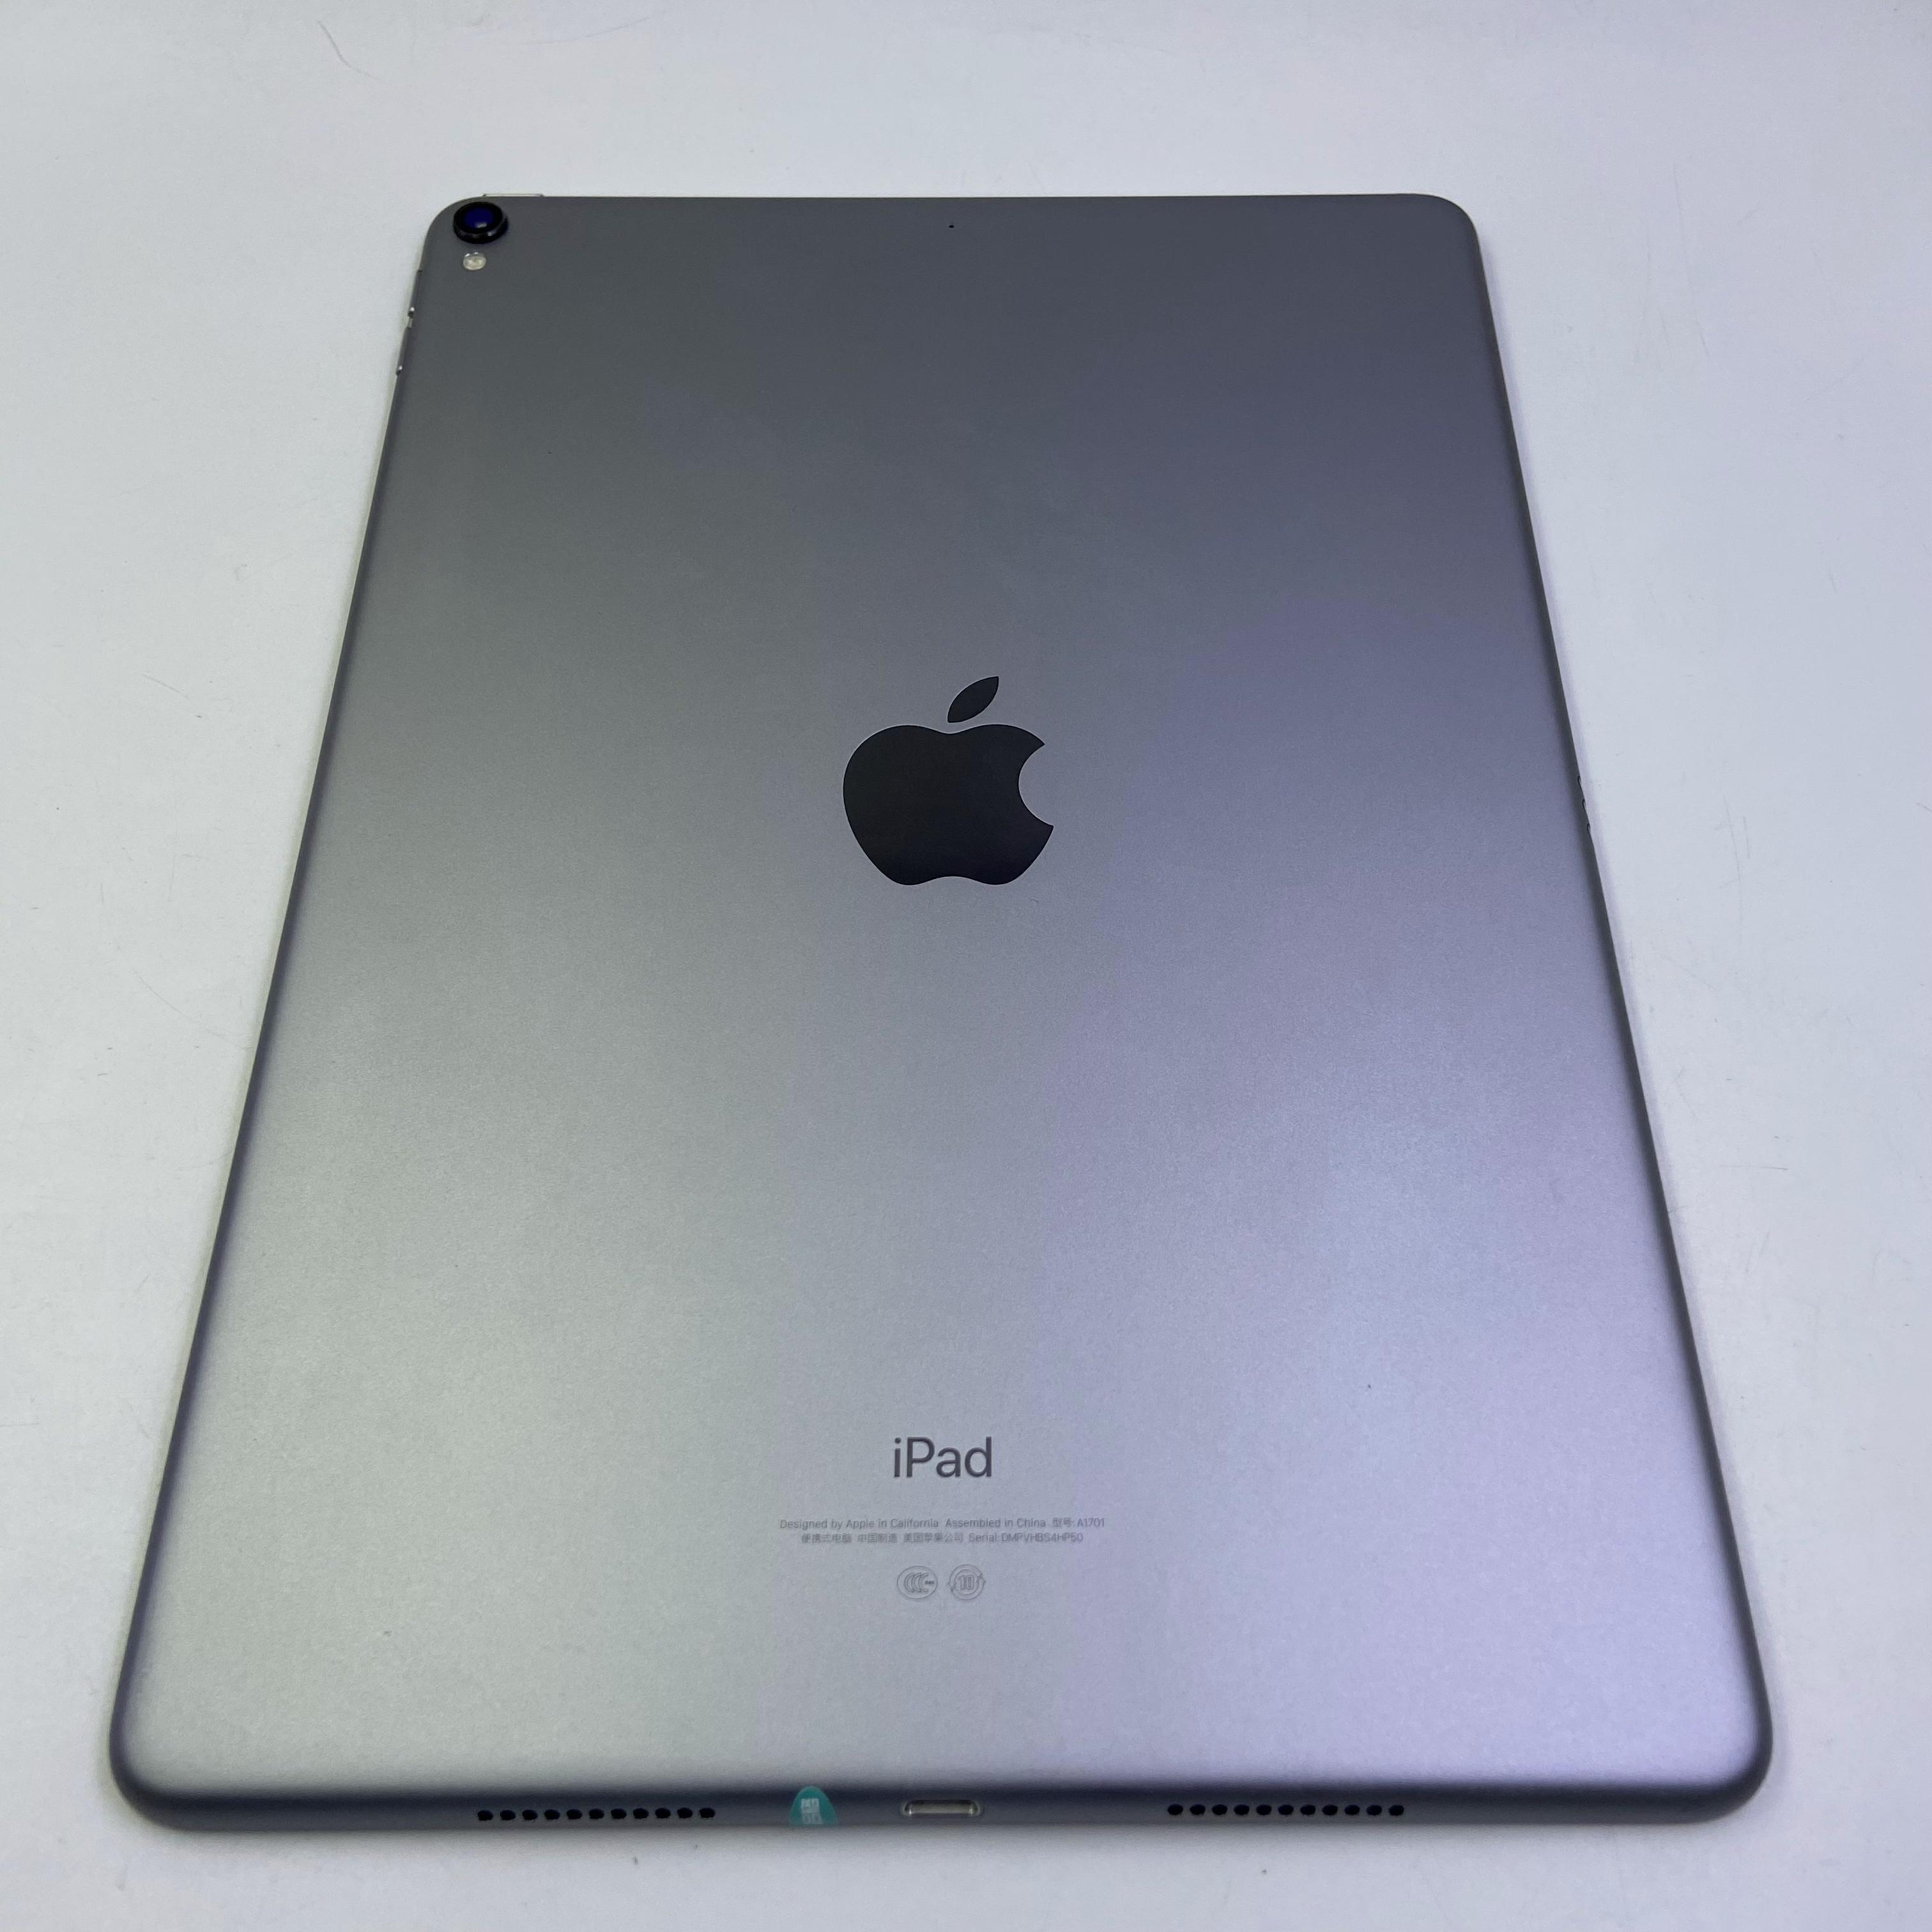 苹果【iPad Pro 10.5寸 17款】WIFI版 深空灰 256G 国行 99新